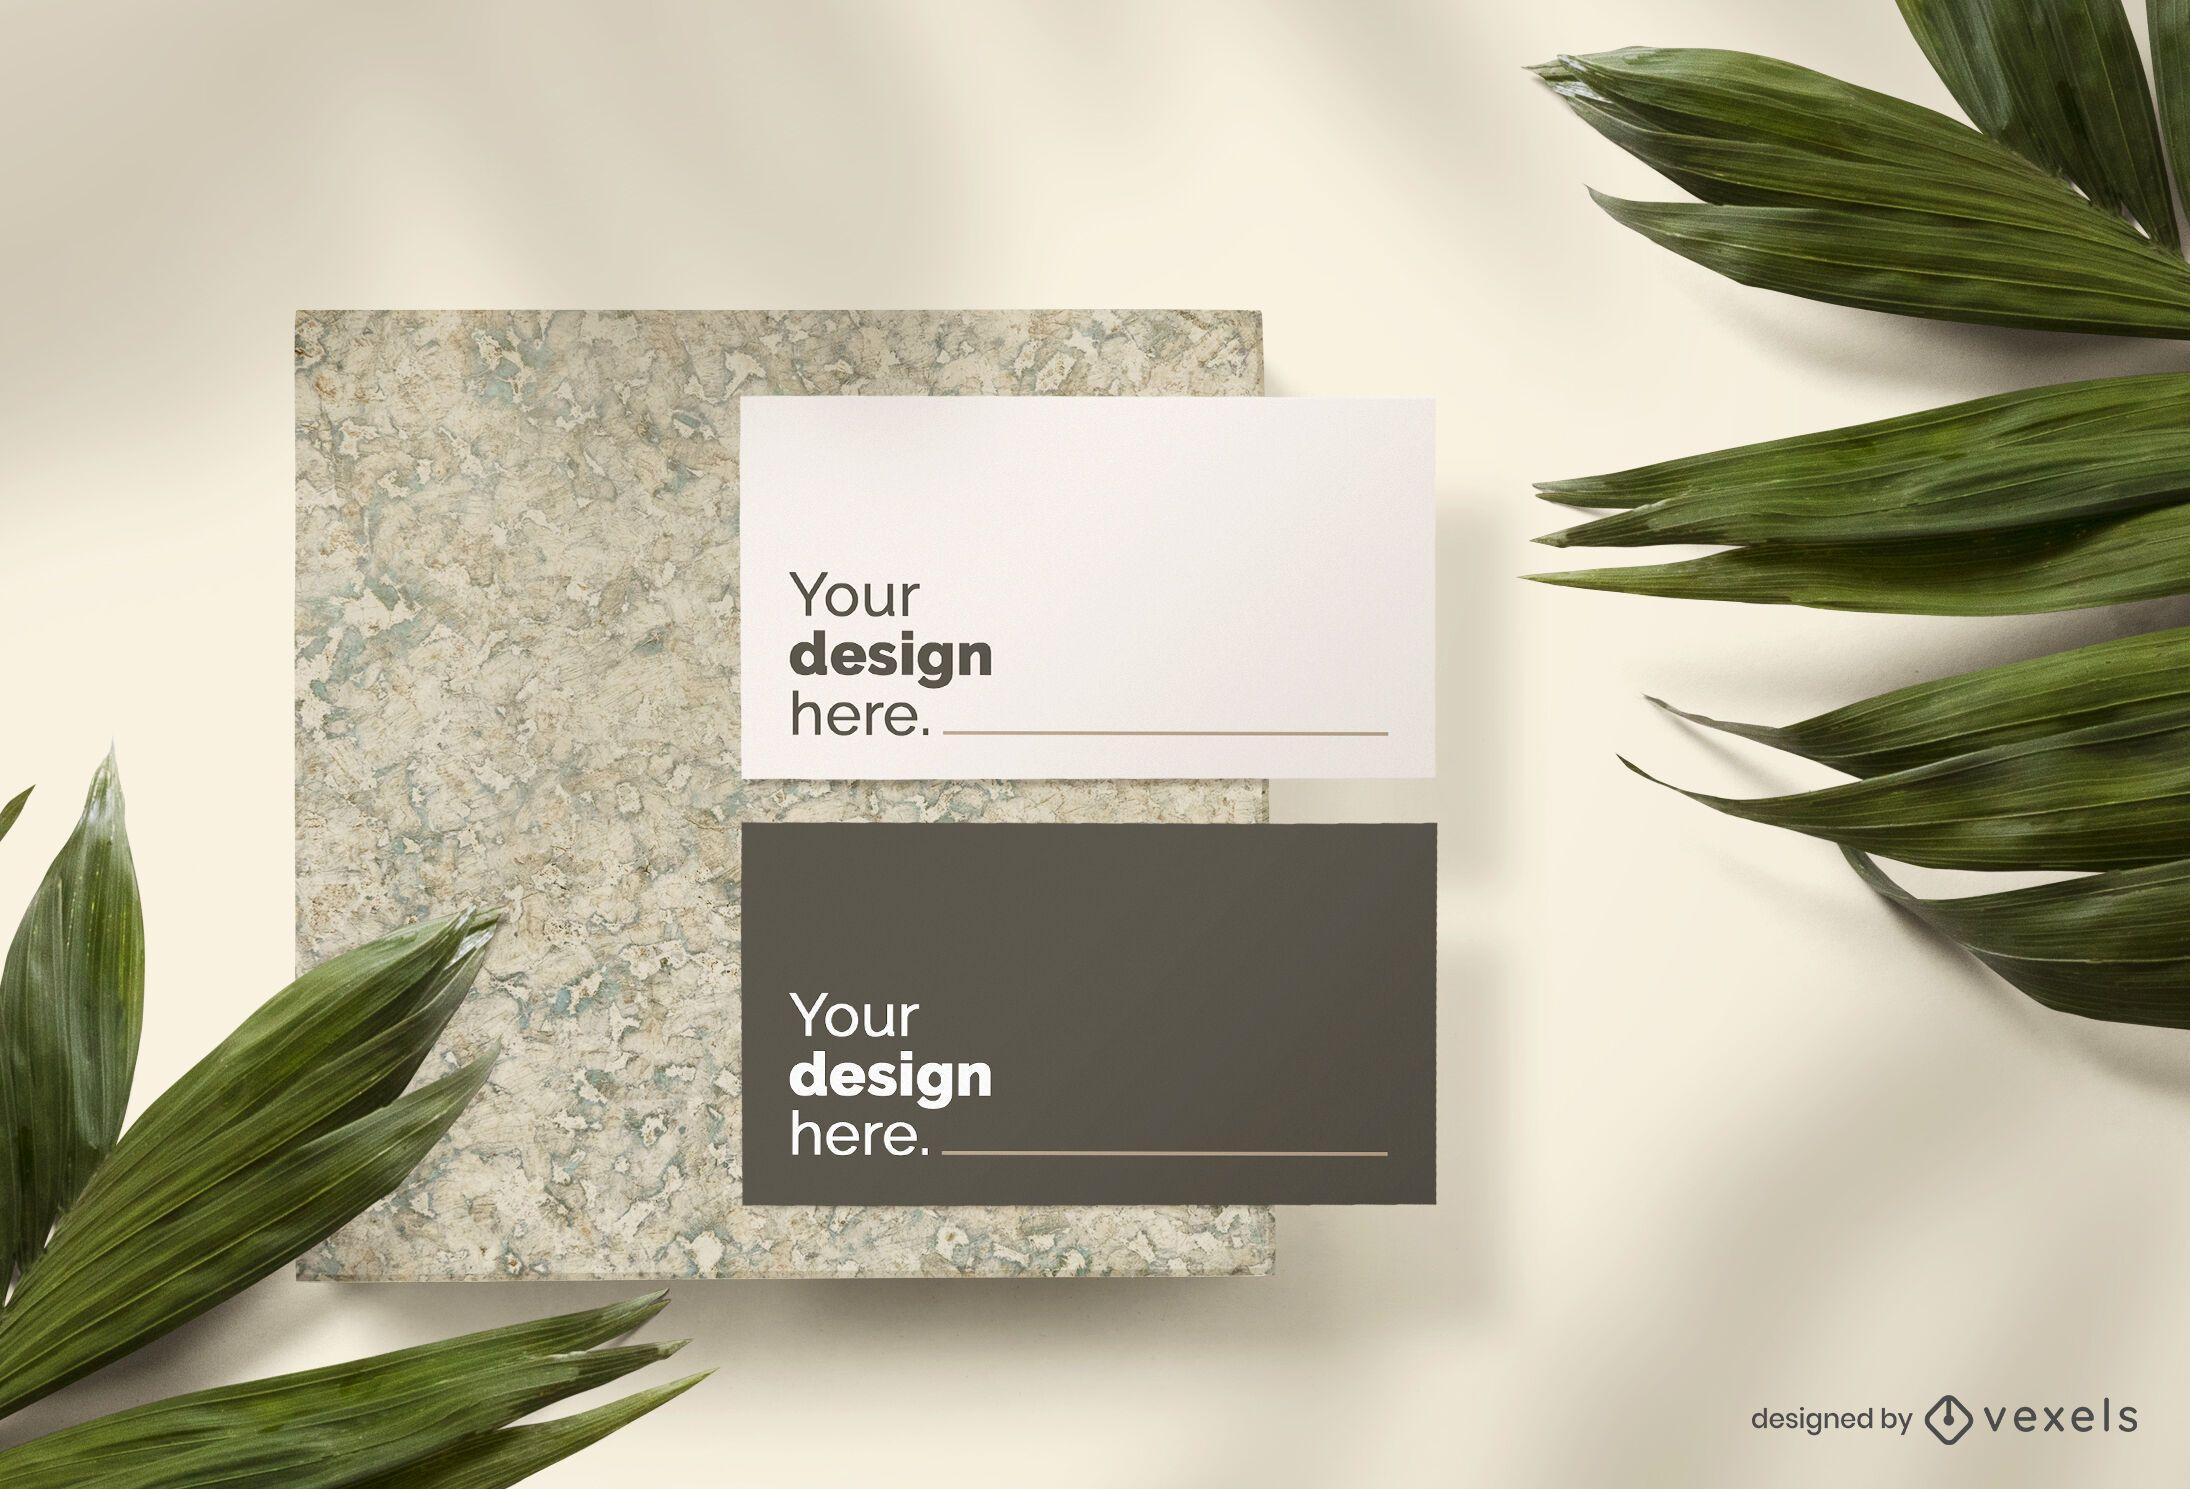 Composici?n del conjunto de maquetas de tarjetas de visita